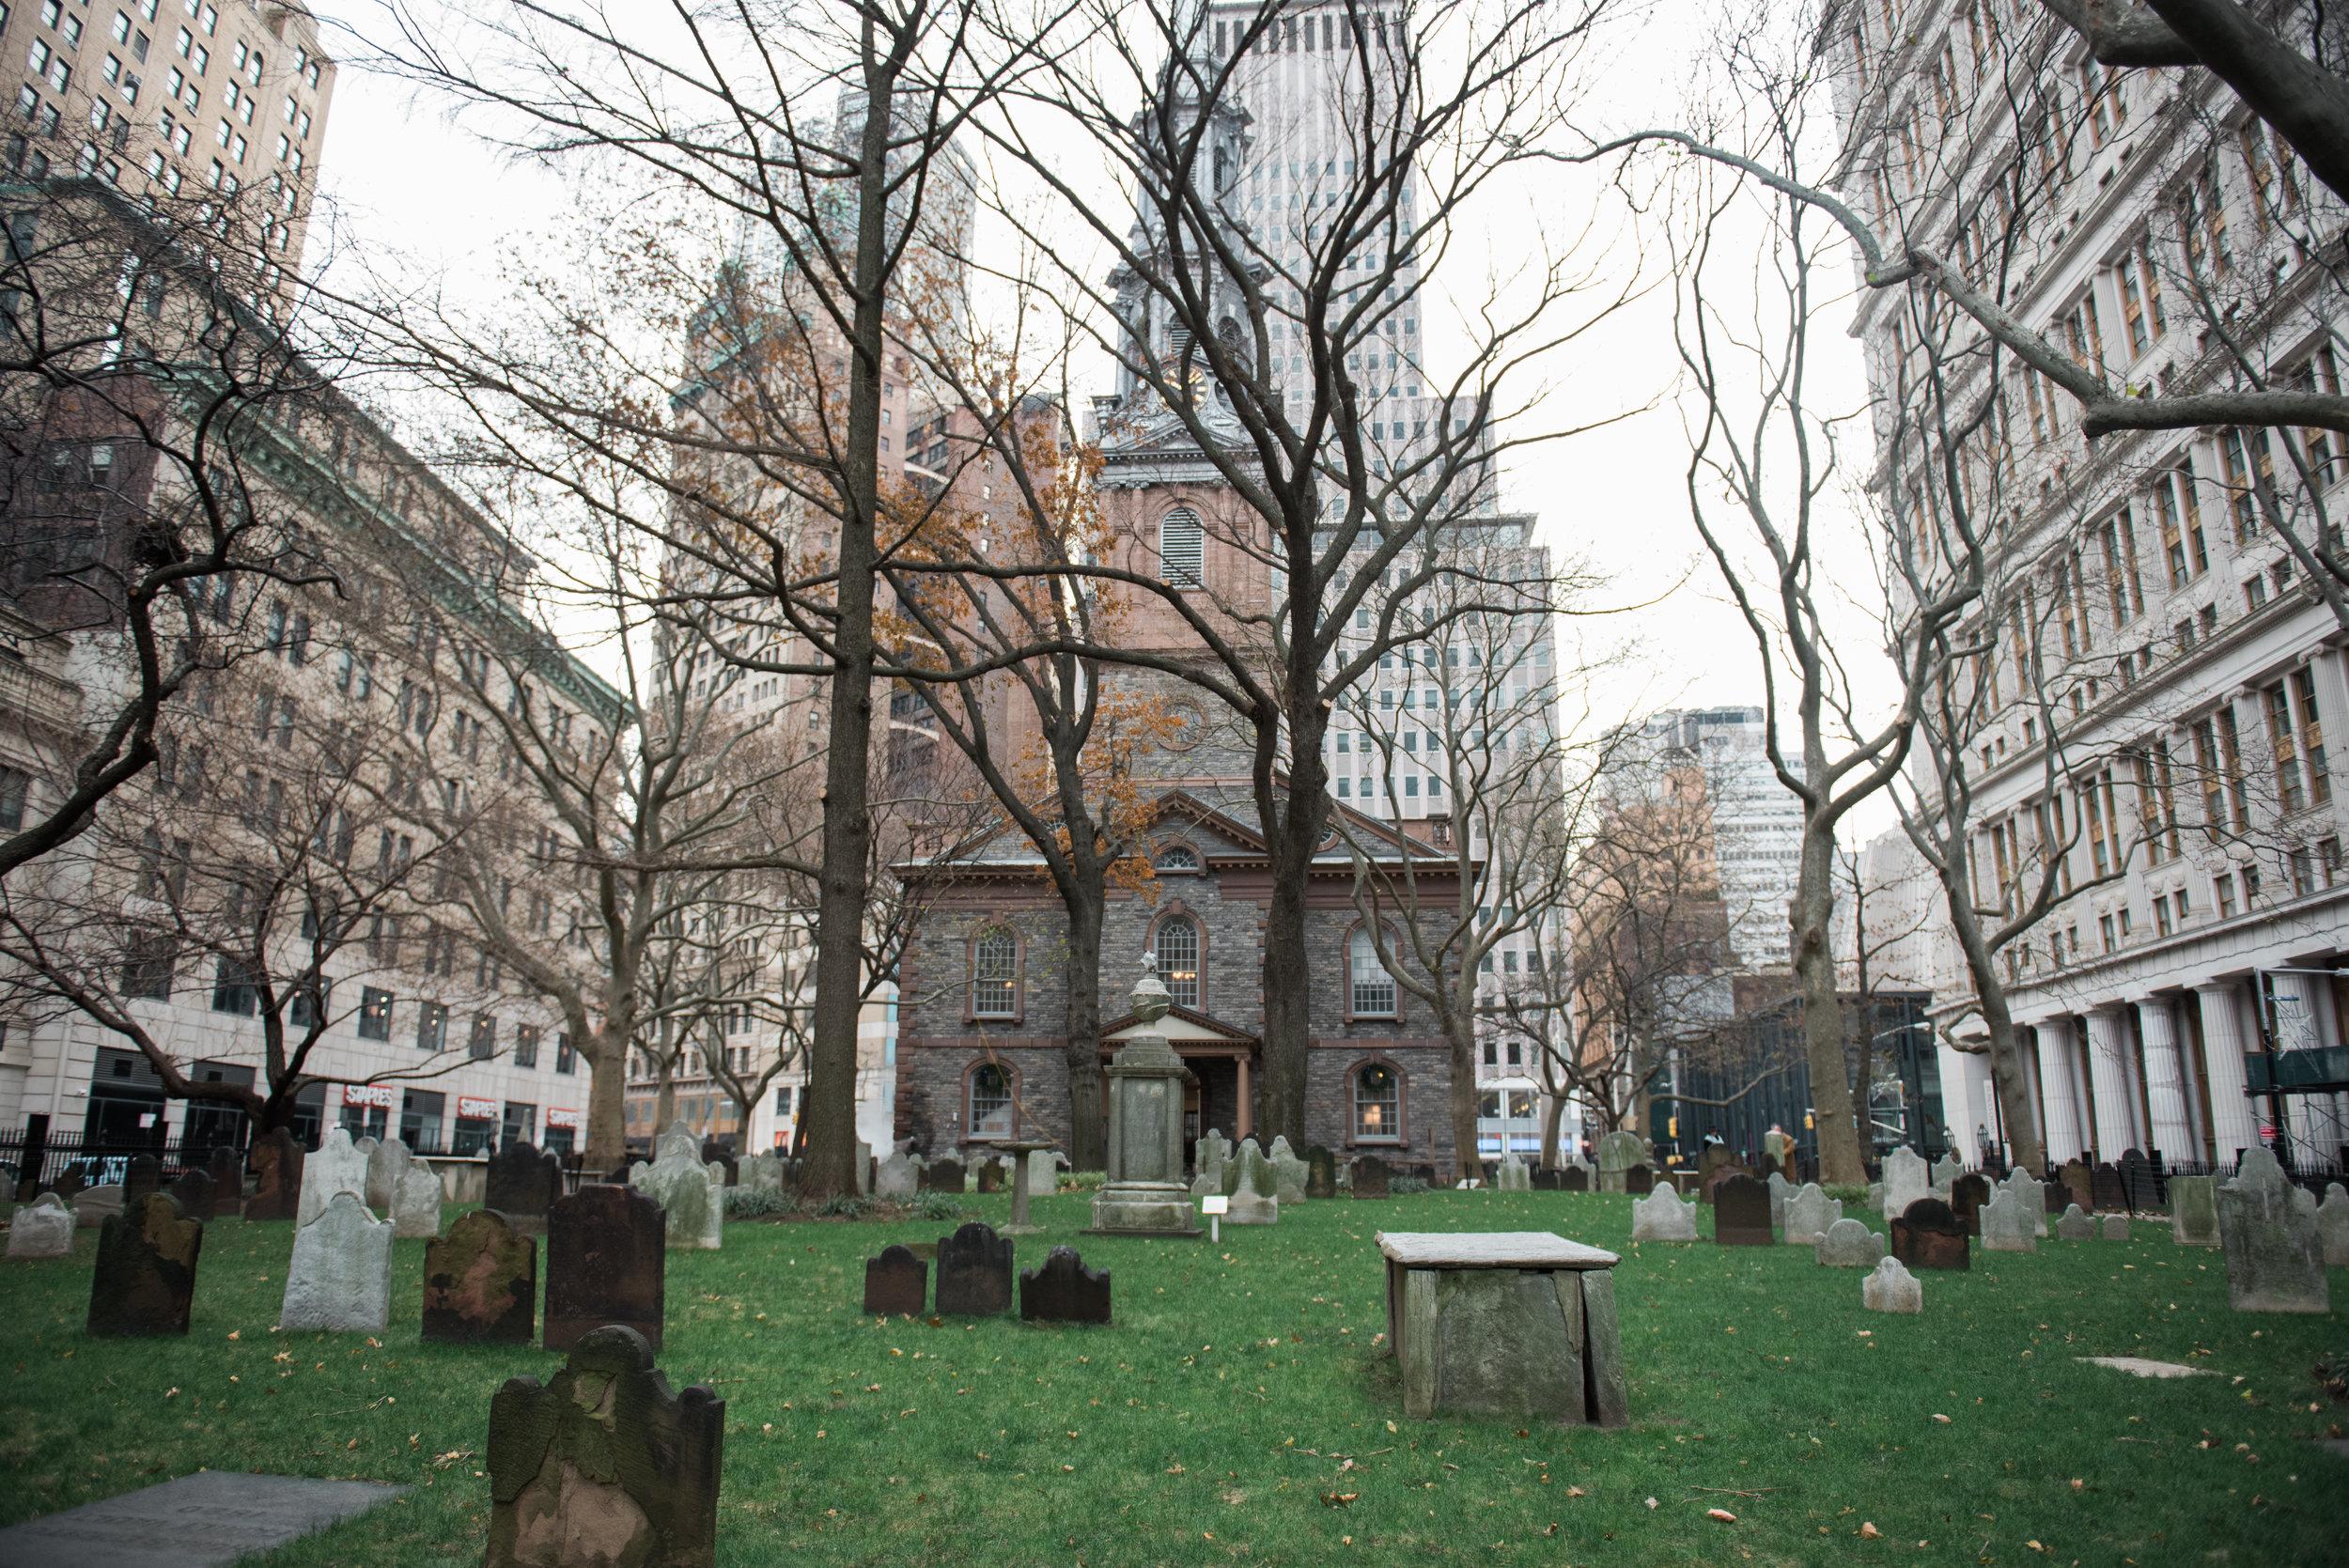 st paul's trinity church